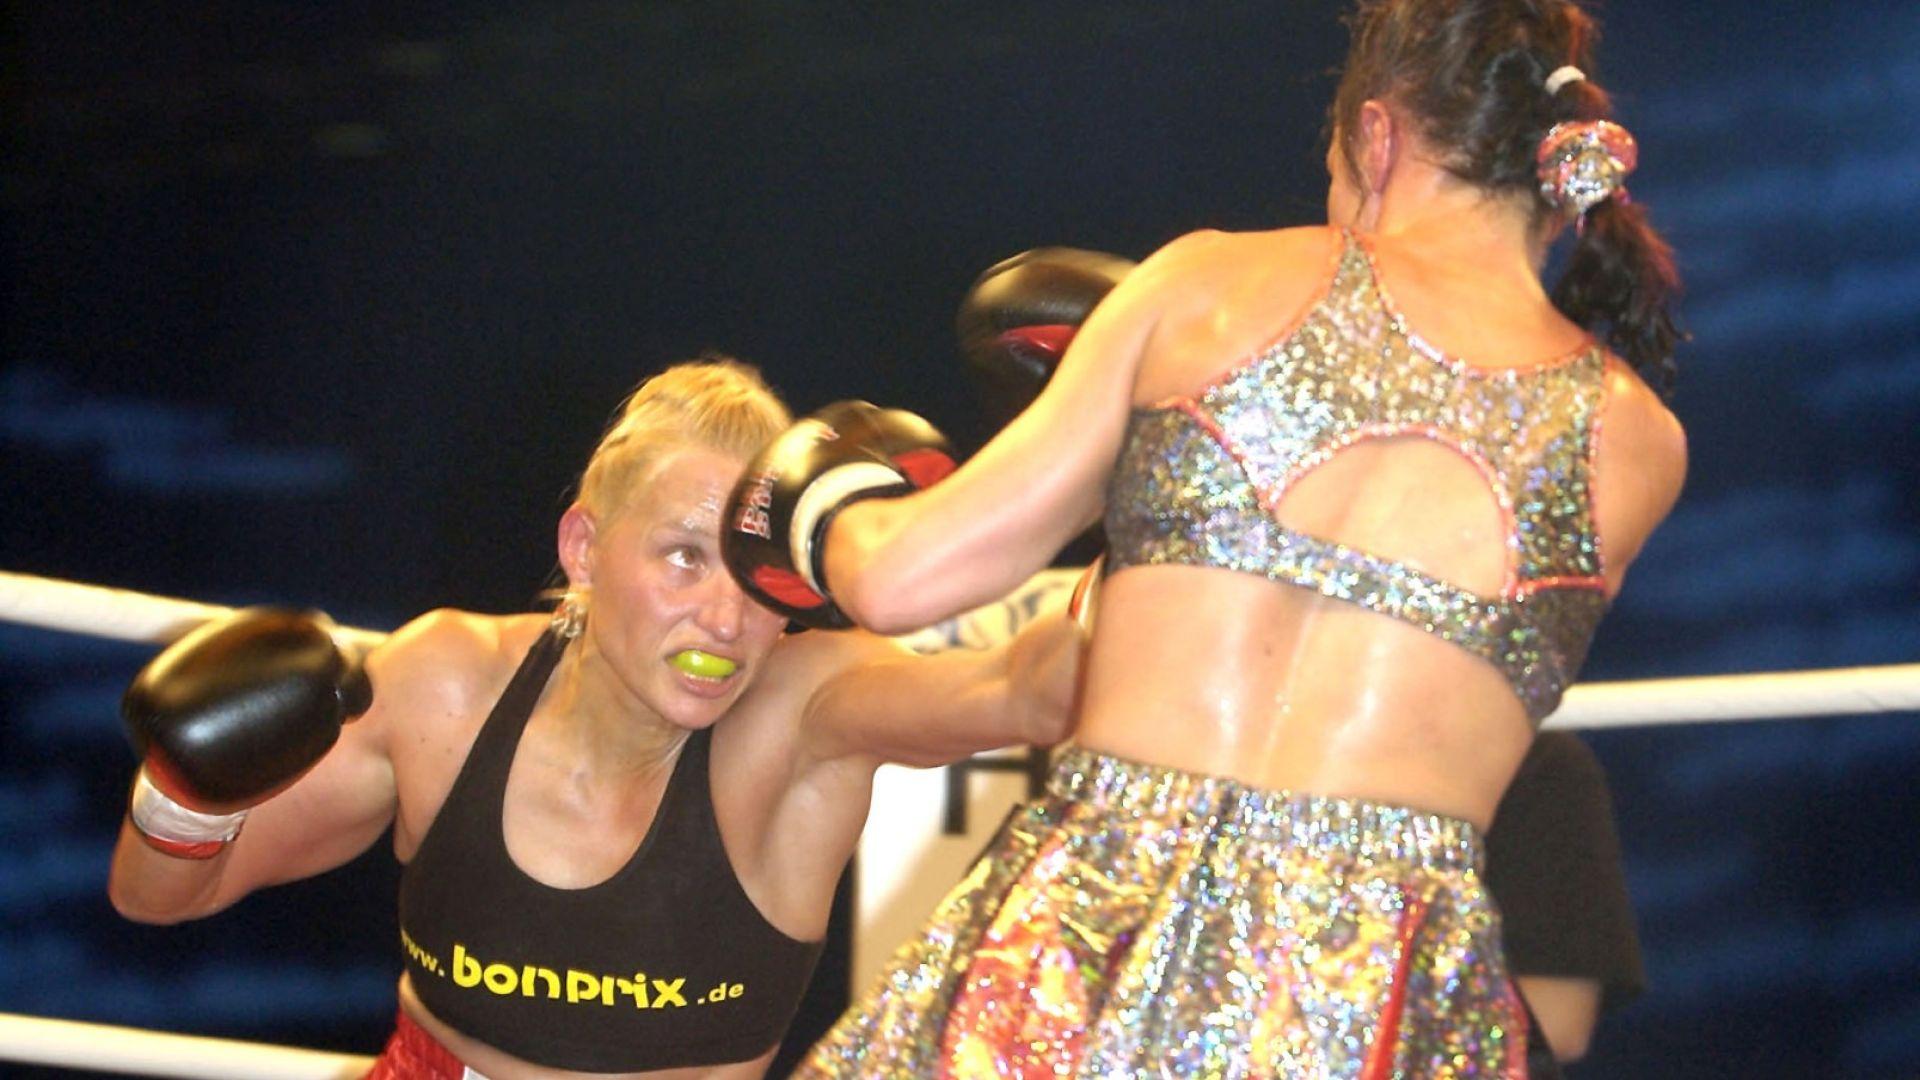 Българската звезда Дейзи Ланг: Свалих мъж с десен прав, за да ме пуснат на ринга